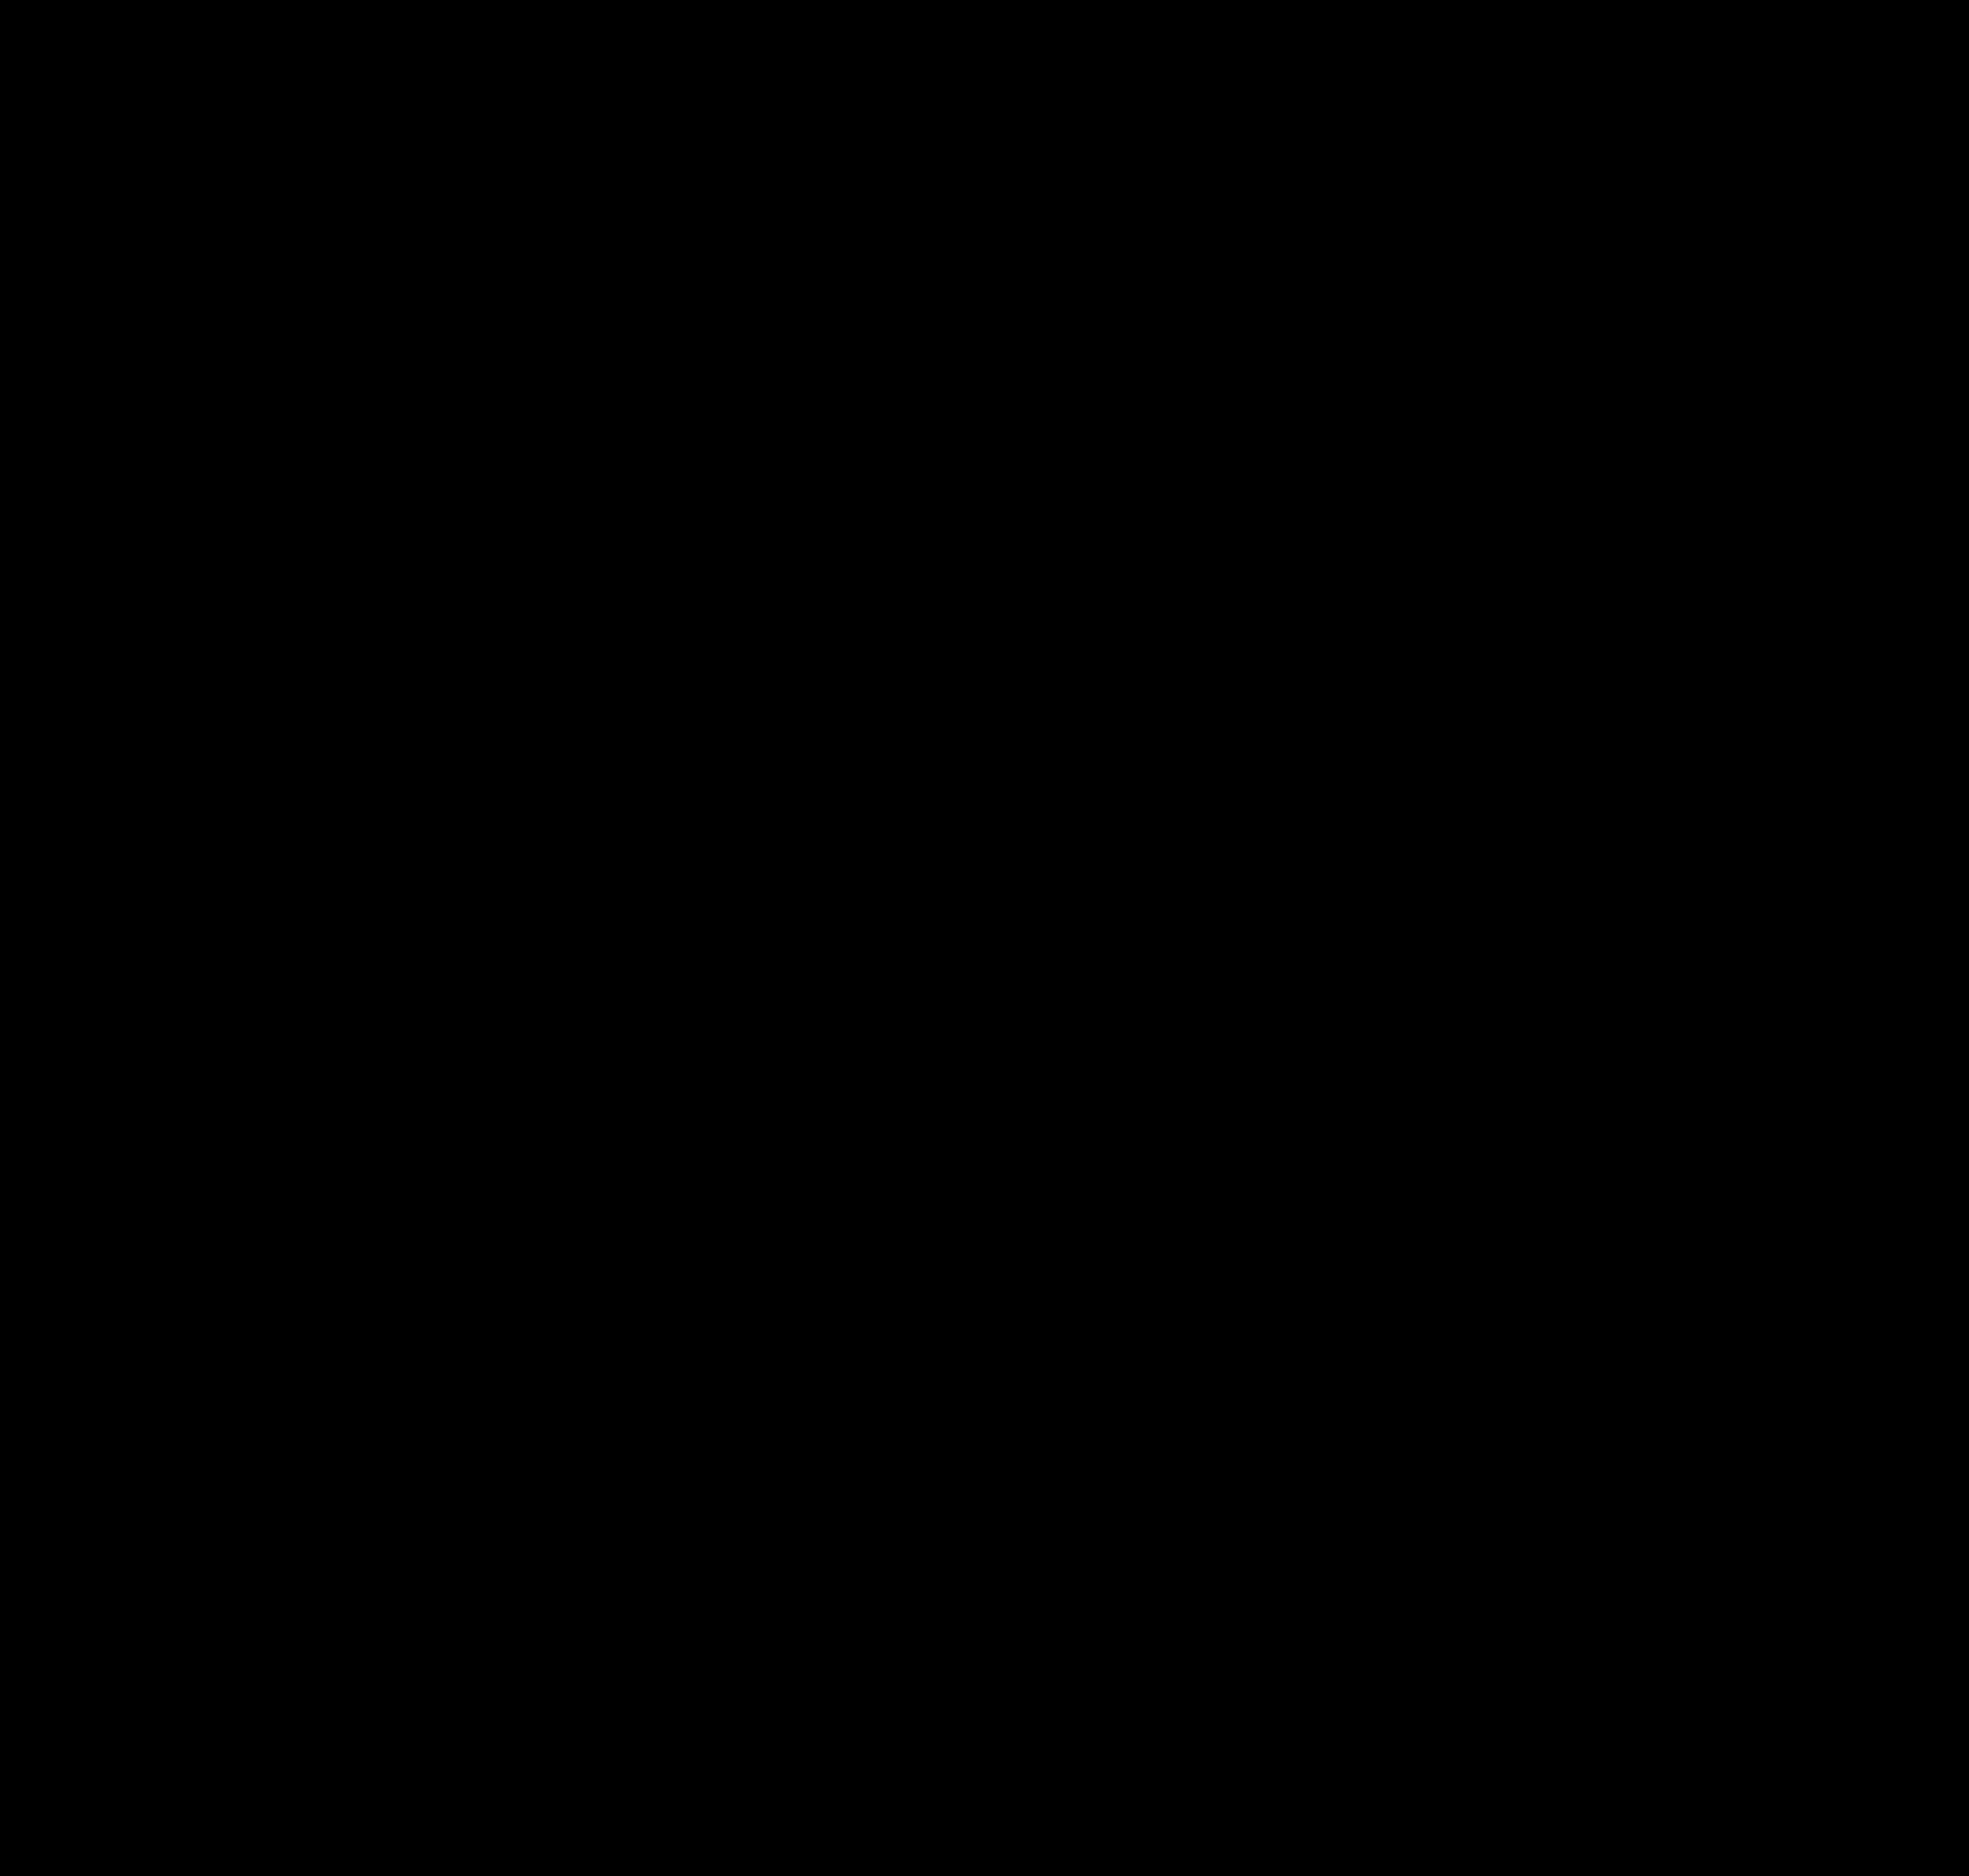 Groeimodel naar Netwerkzorg